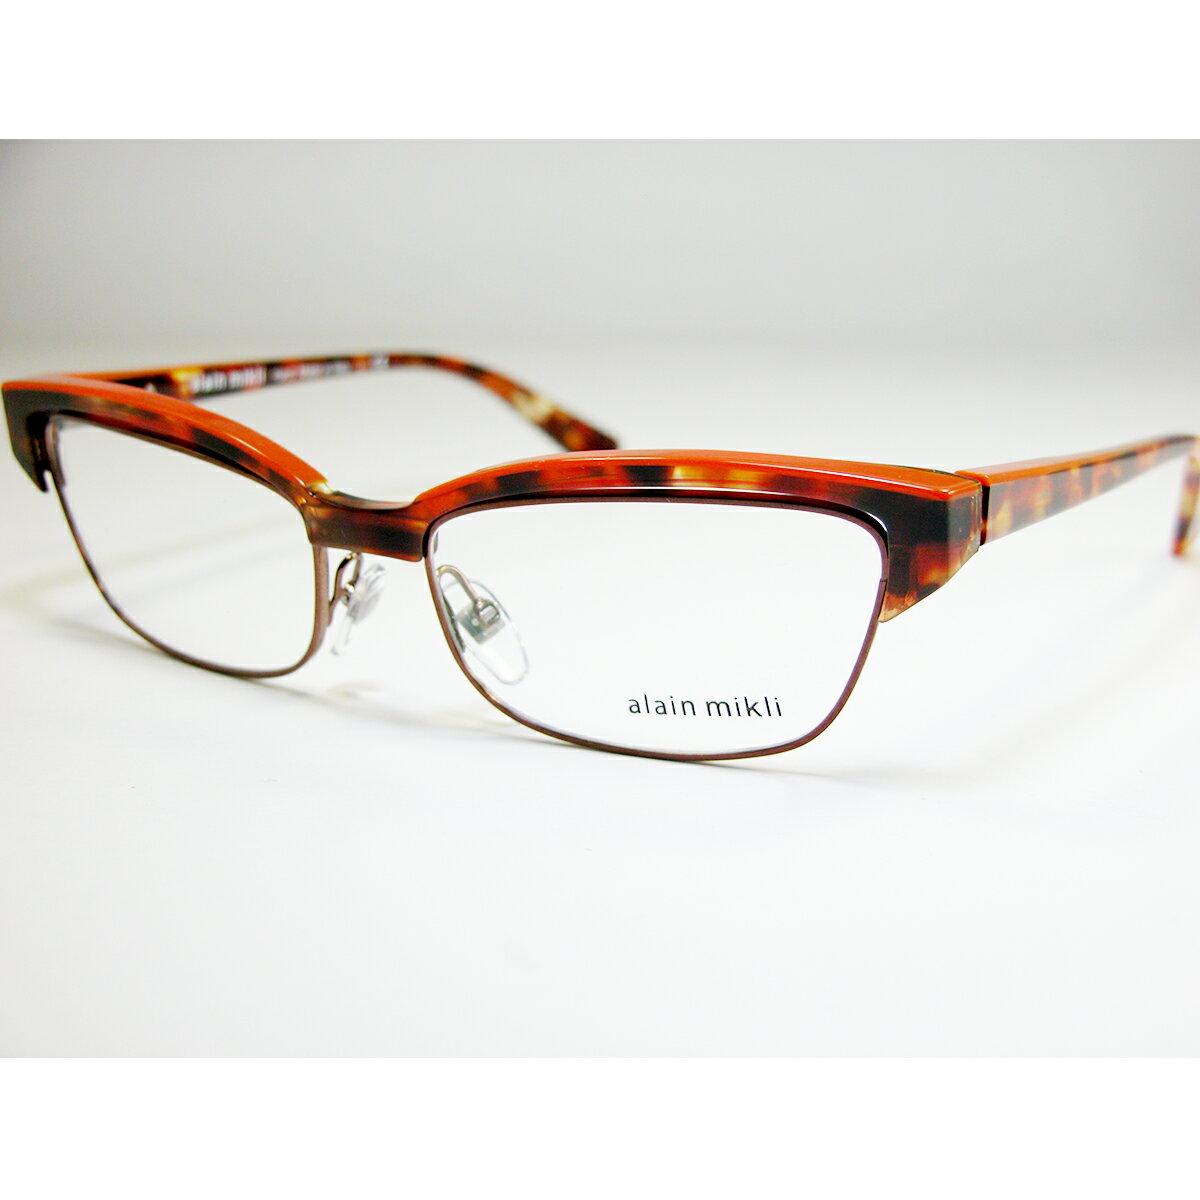 alain mikli アランミクリ メガネAO3056 カラーC026【楽ギフ_包装】 メンズ メガネ サングラス 眼鏡【ありがとう】【店頭受取対応商品】